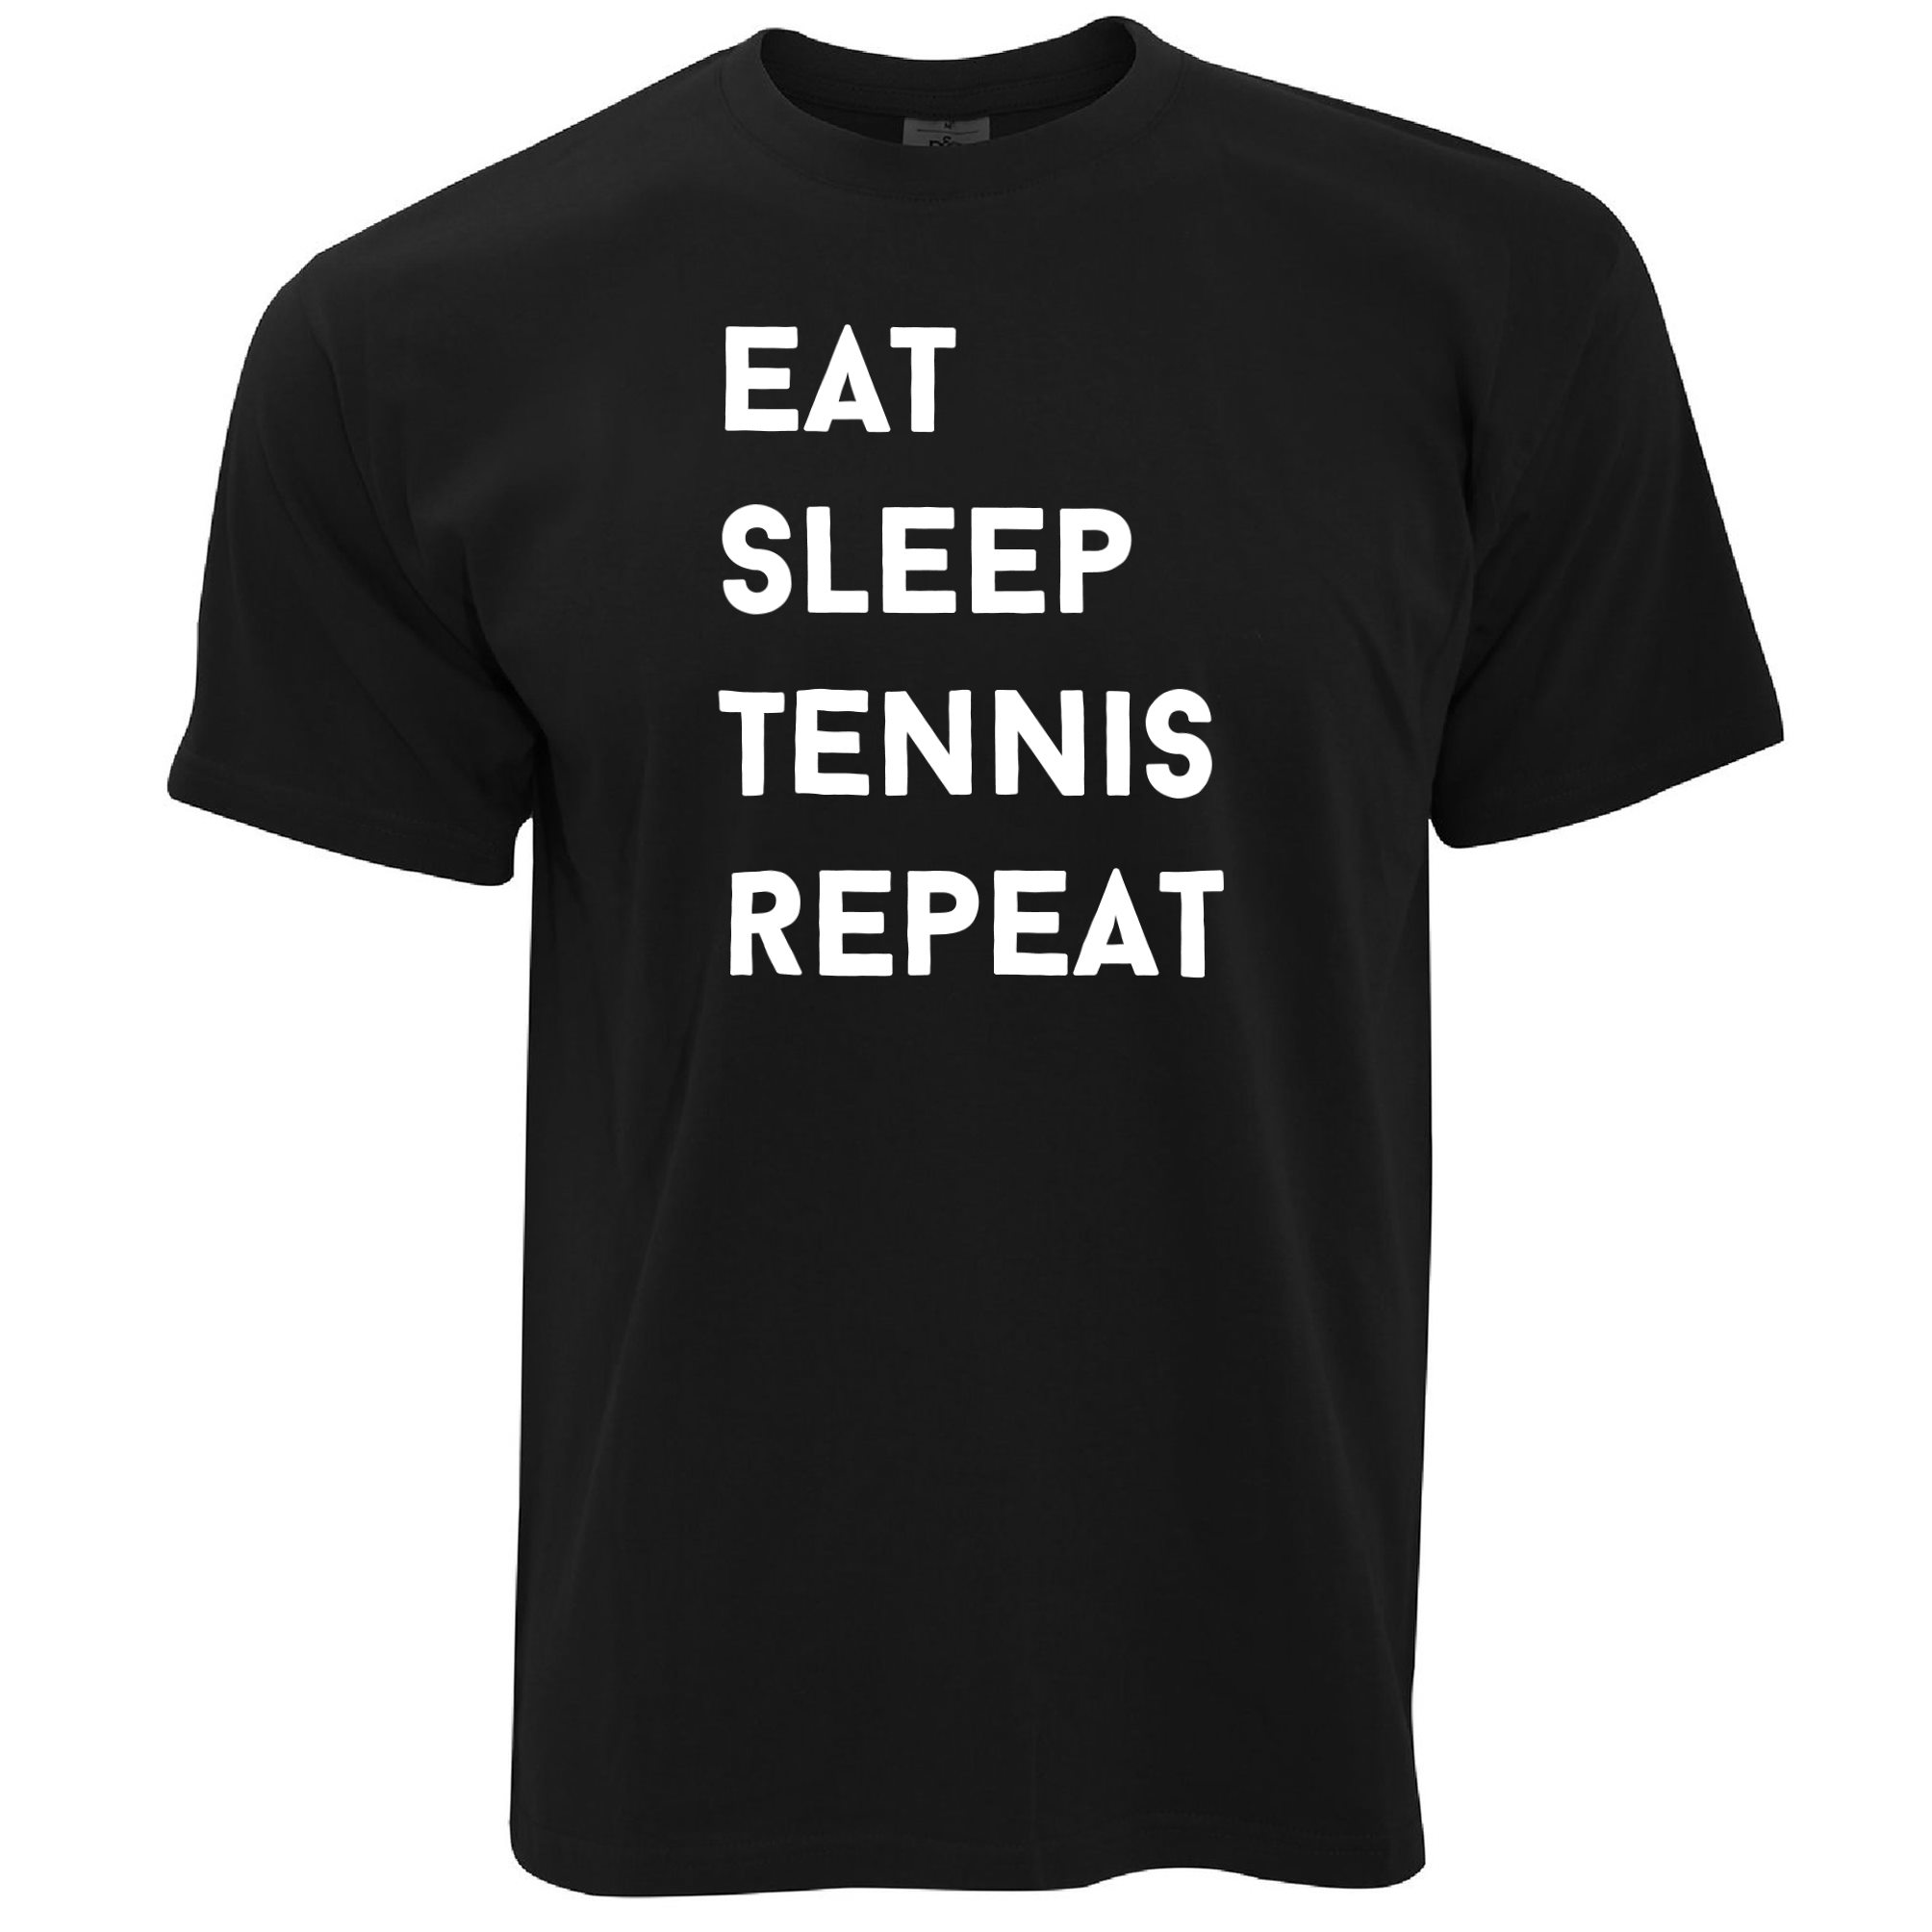 Sport Frauen T-Shirt Essen Wiederholen Slogan schlafen Tennis